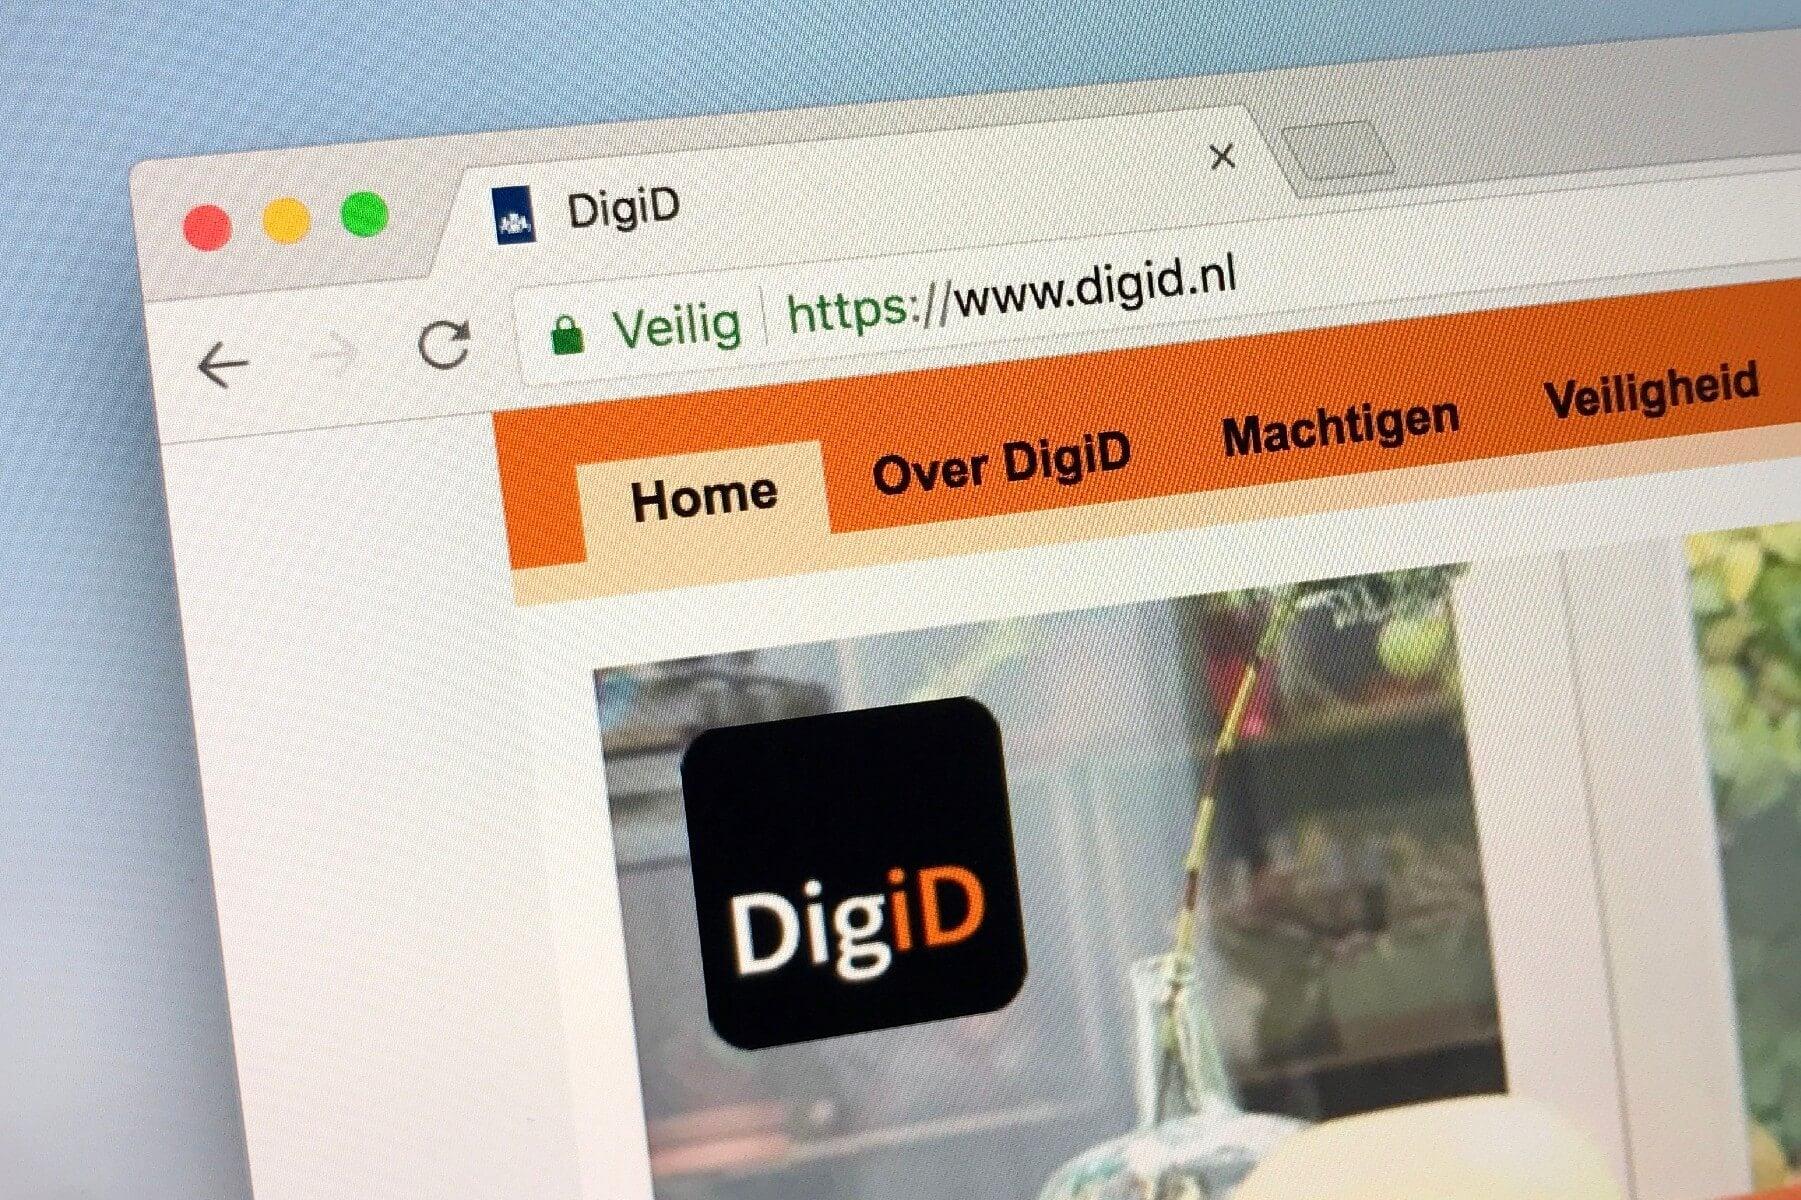 Afbeelding DigiD